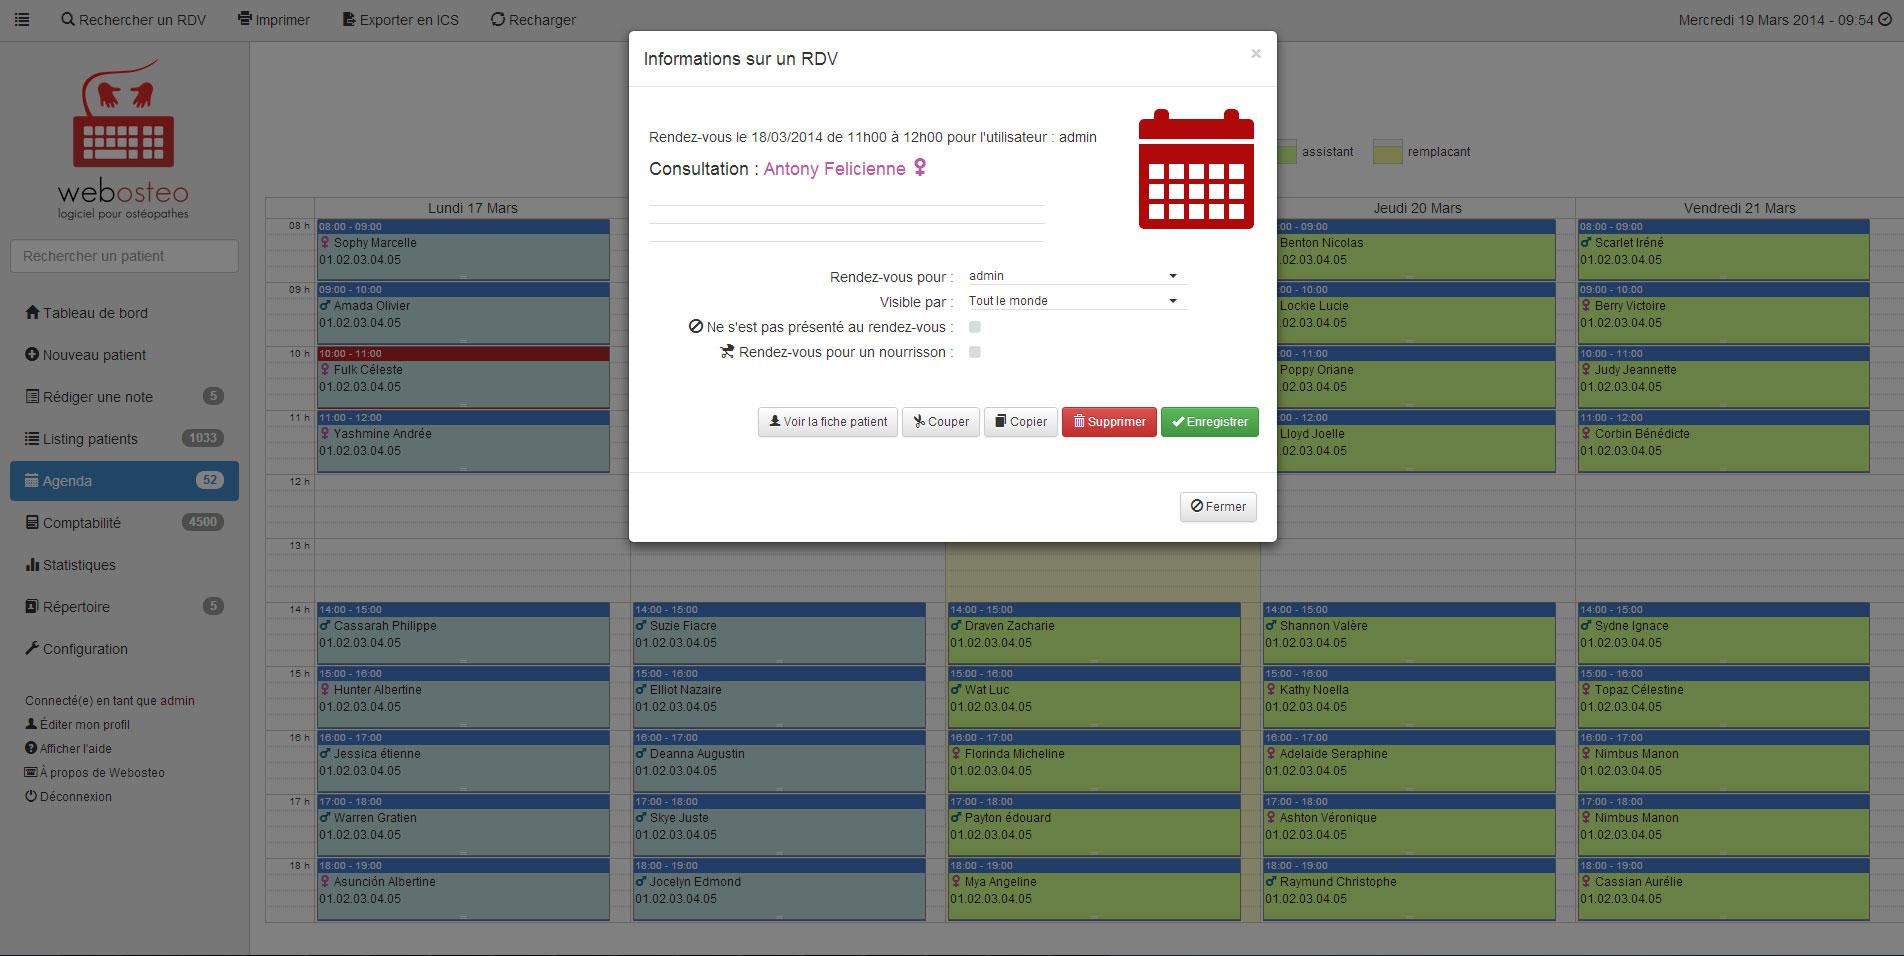 Captures d 39 cran webosteo logiciel pour ost opathes for Photo ecran logiciel